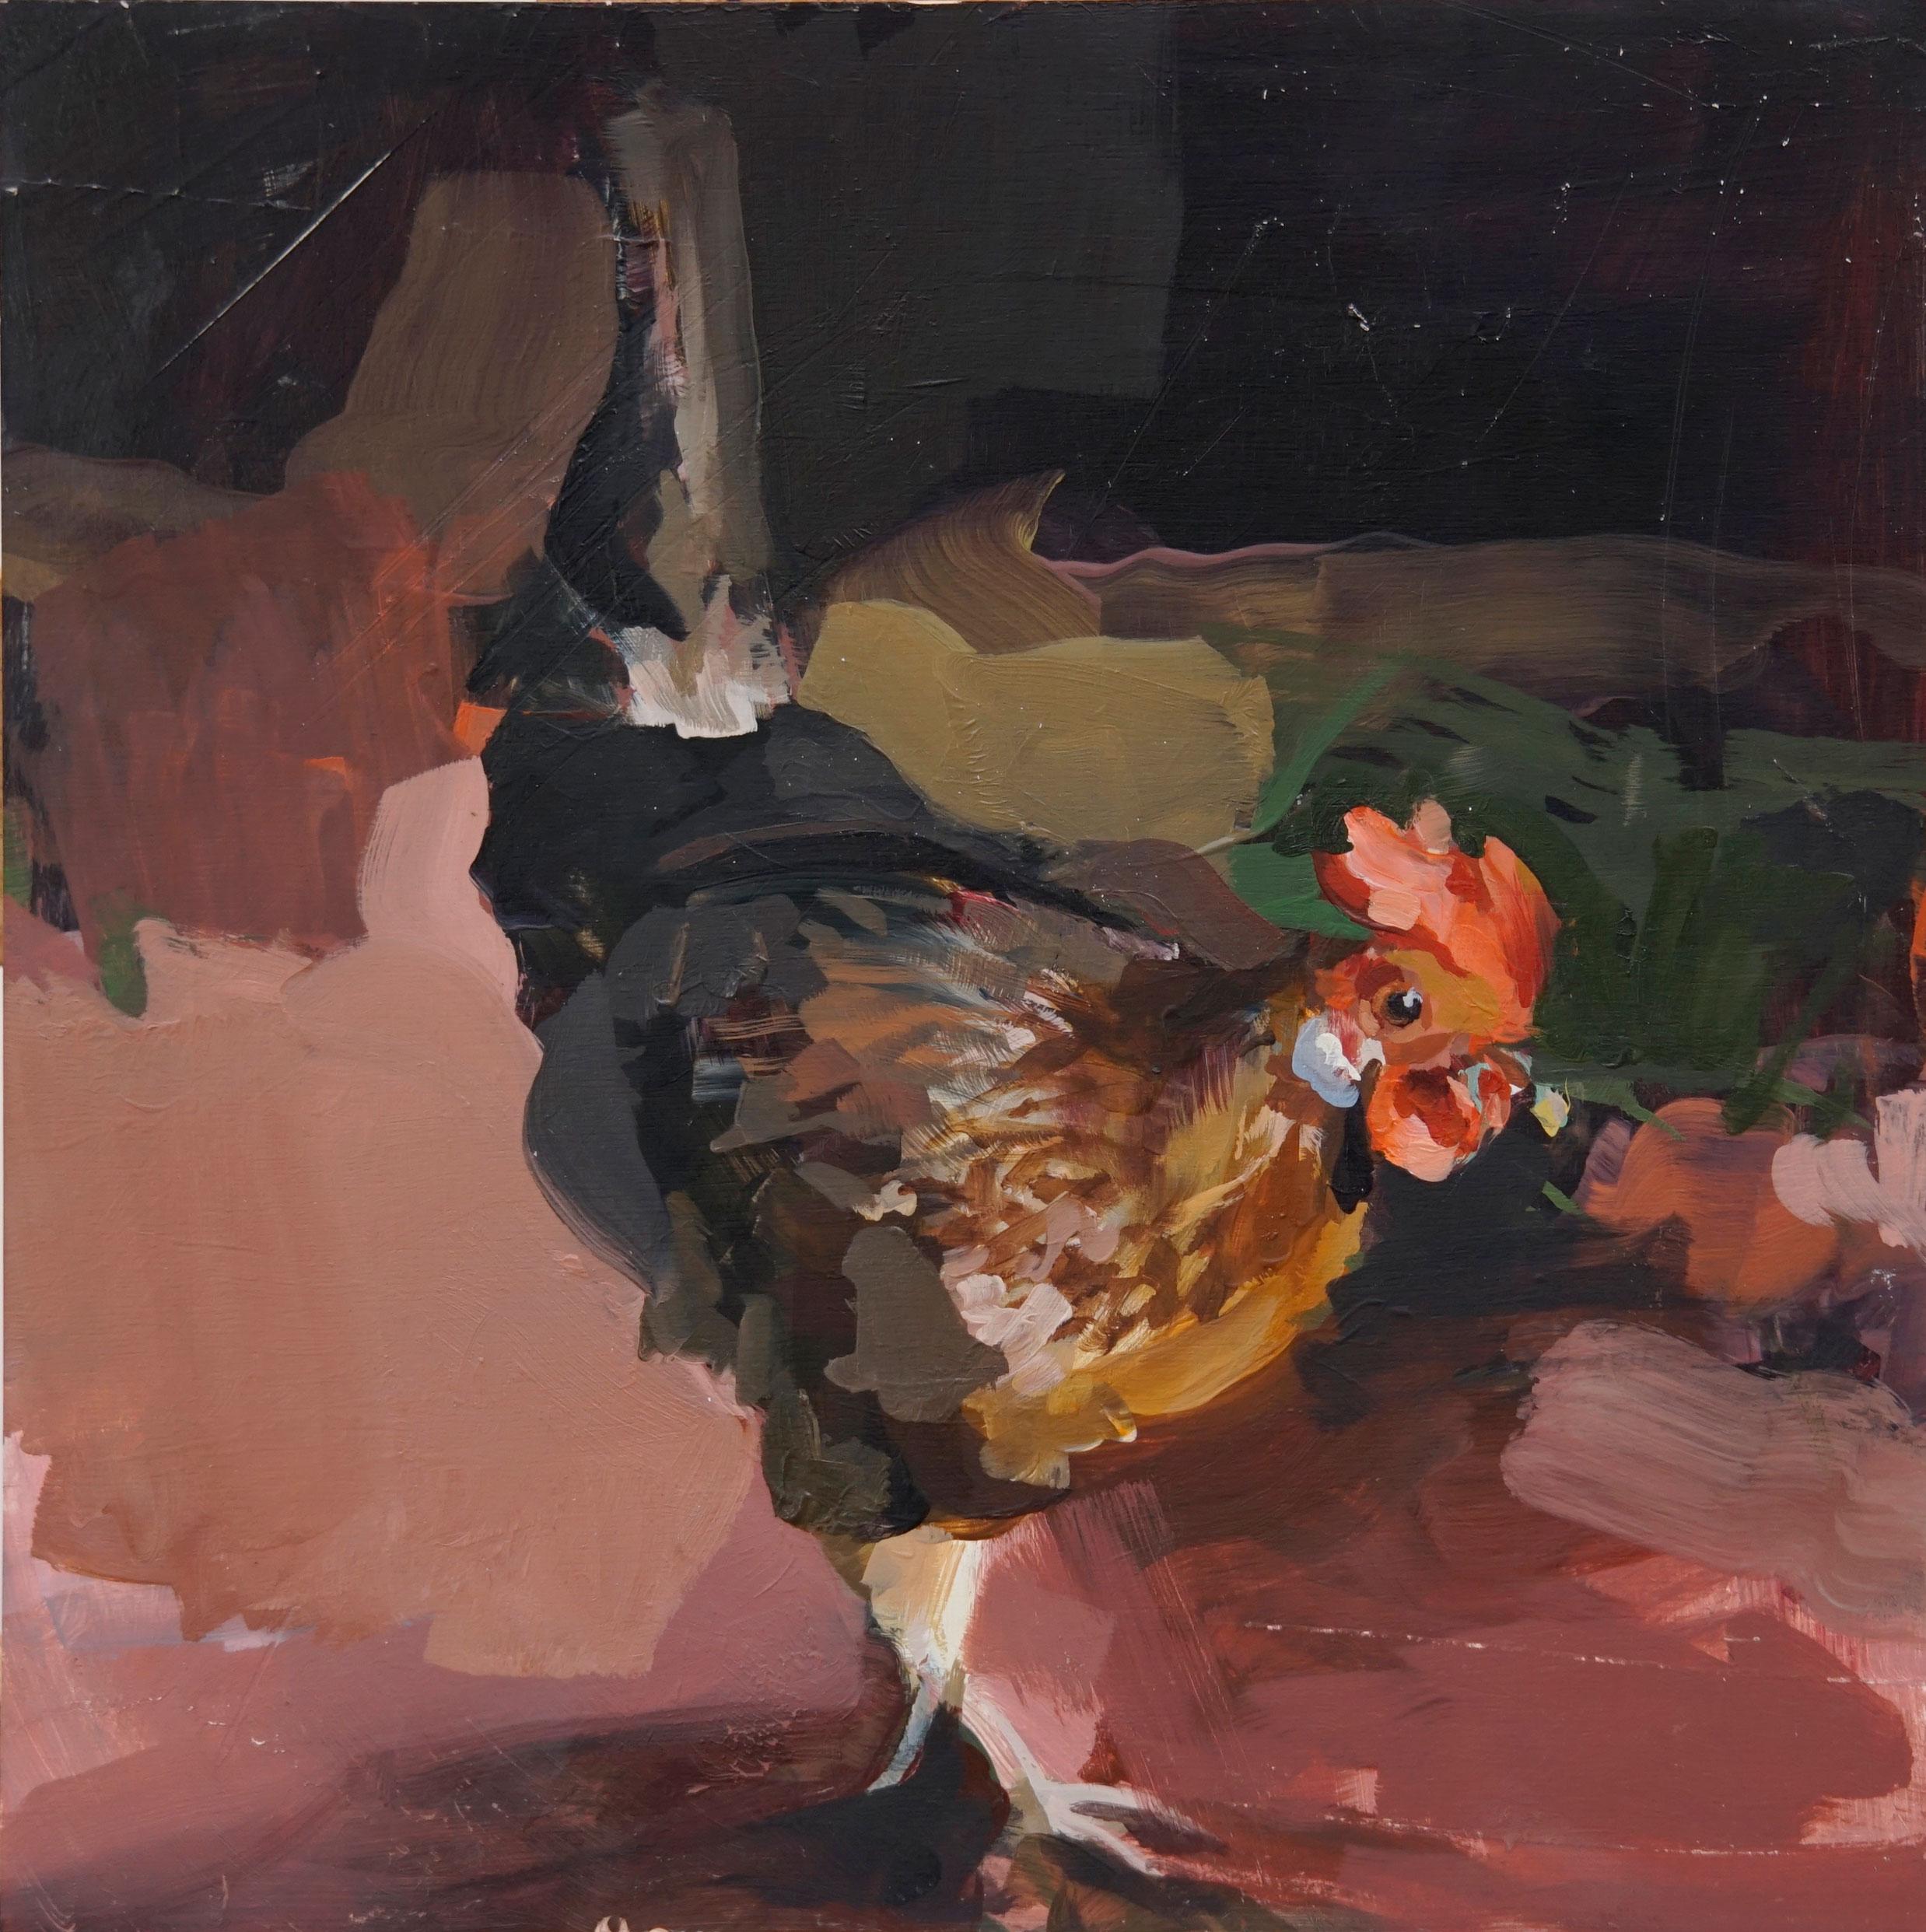 mark-crenshaw-18008-stravinsky-chicken.jpg